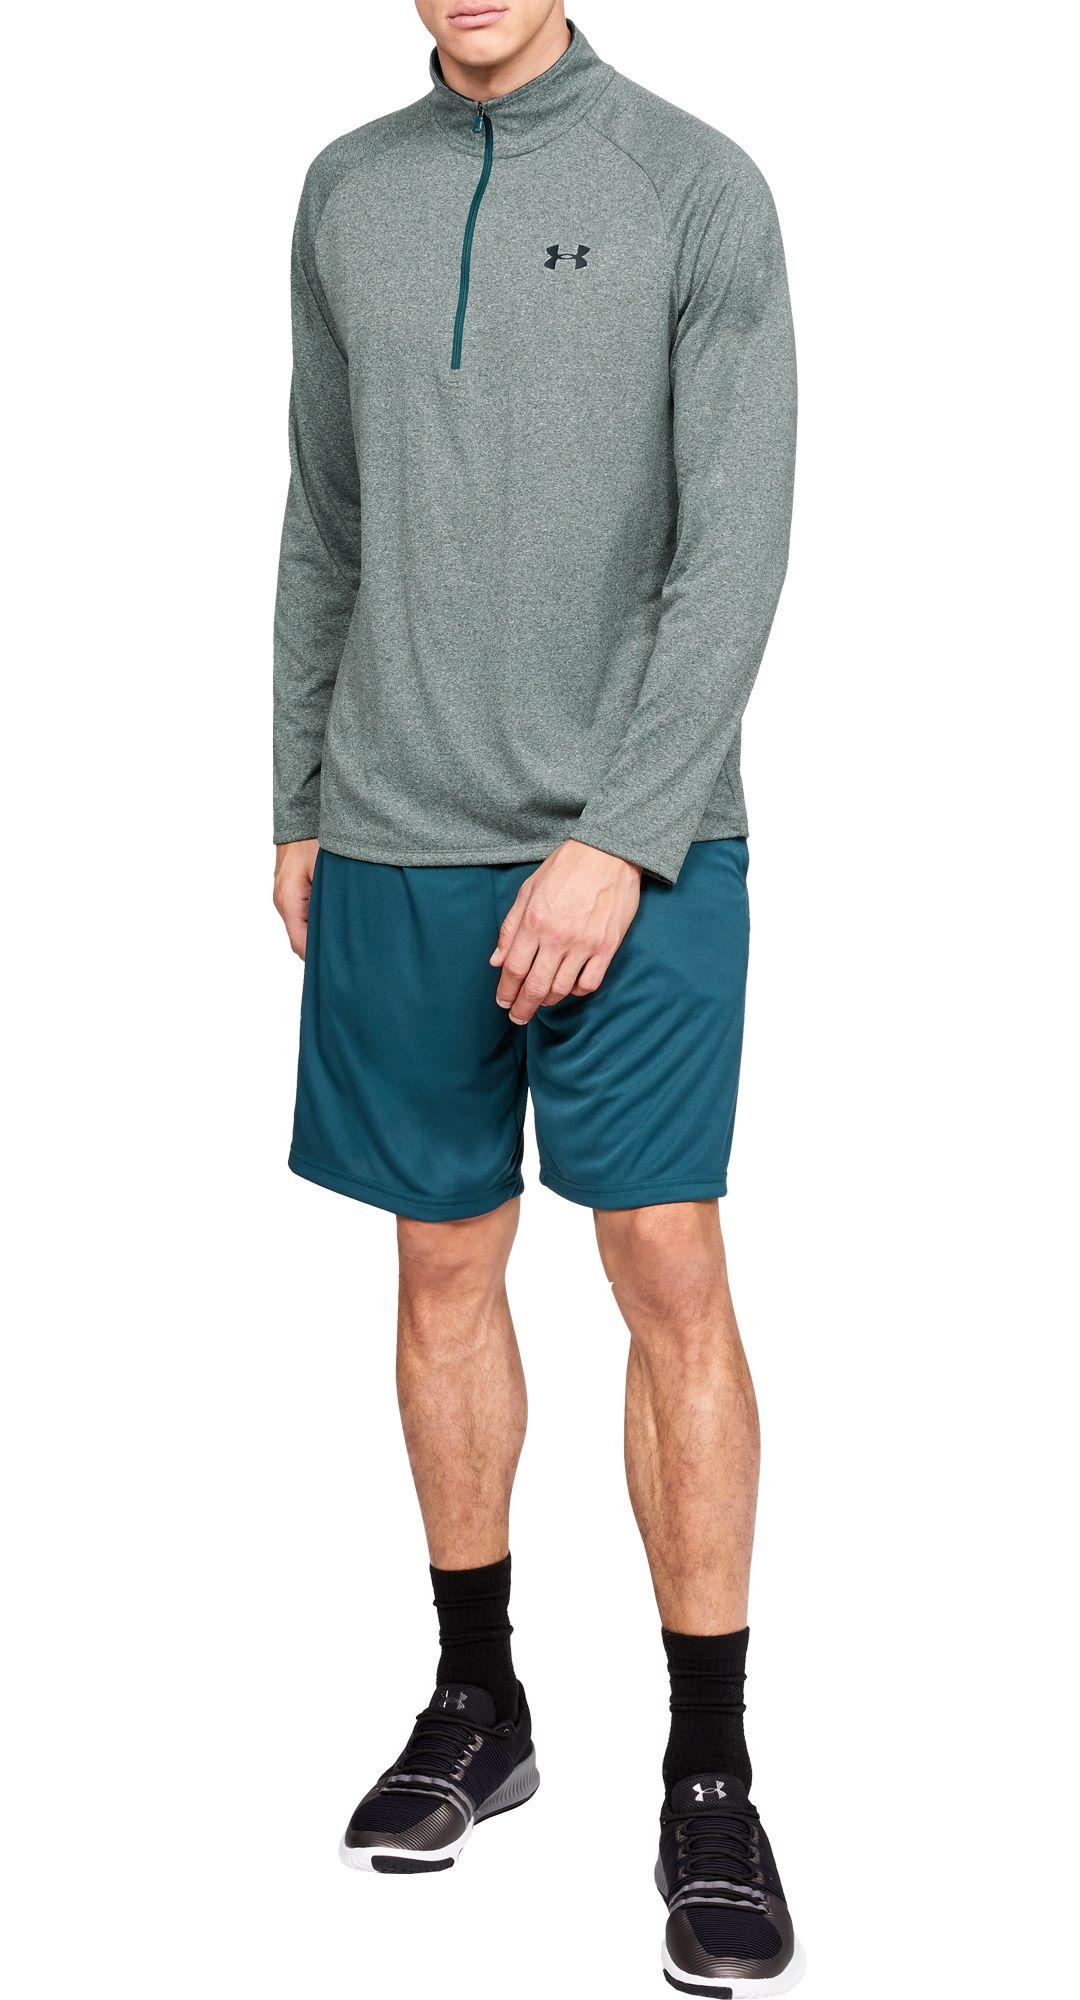 545f6ee33a Under Armour Men's Tech ½ Zip Long Sleeve Shirt